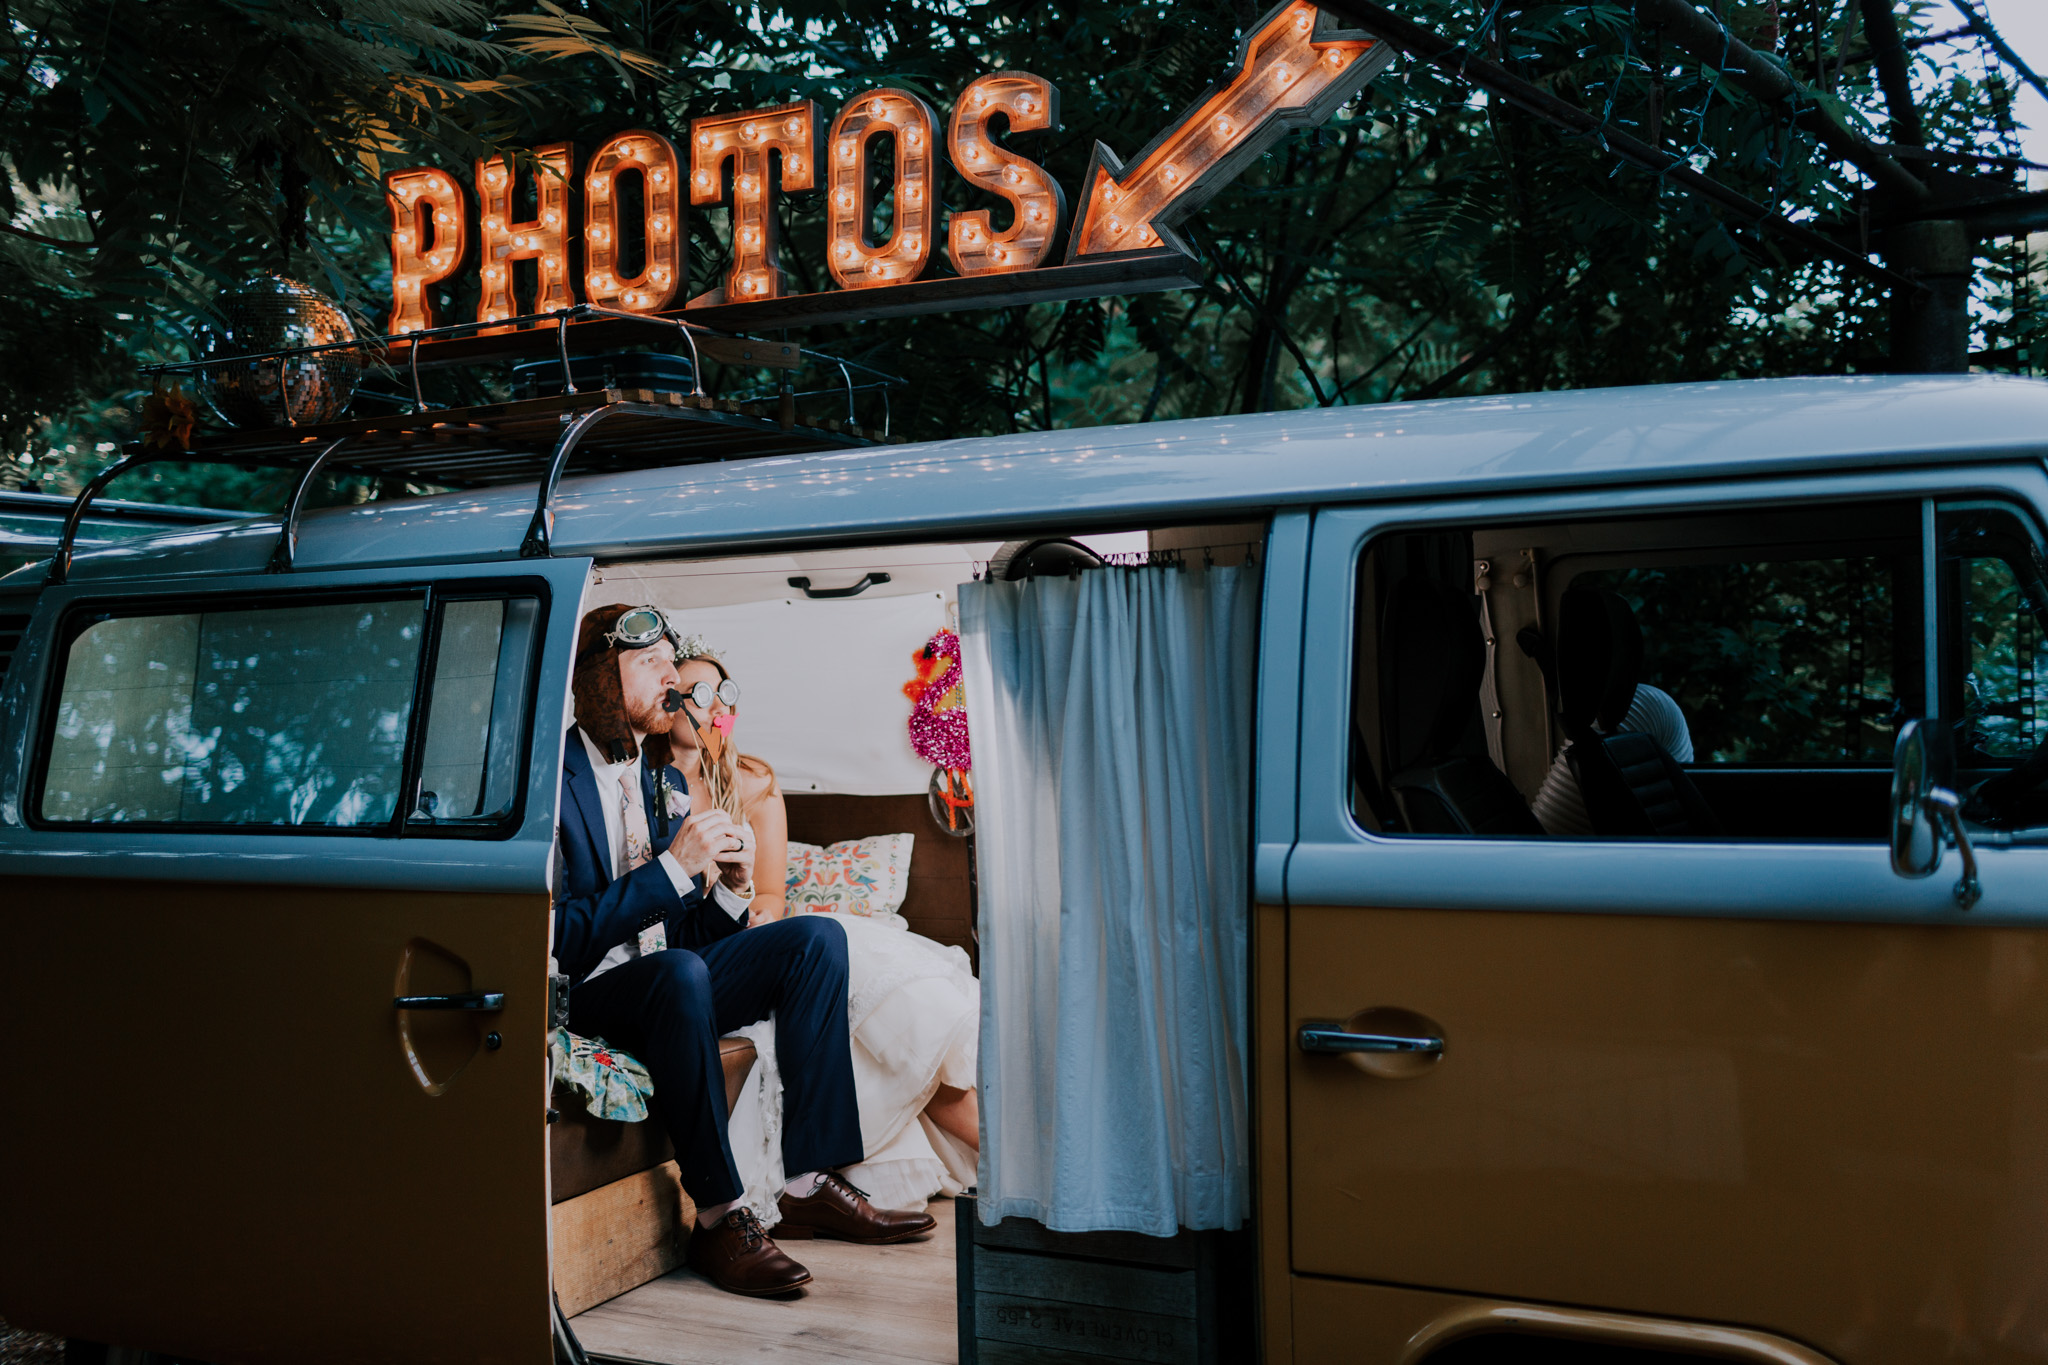 Blue-Dress-Barn-Michigan-Wedding-April-Seth-Vafa-Photo1002.jpg